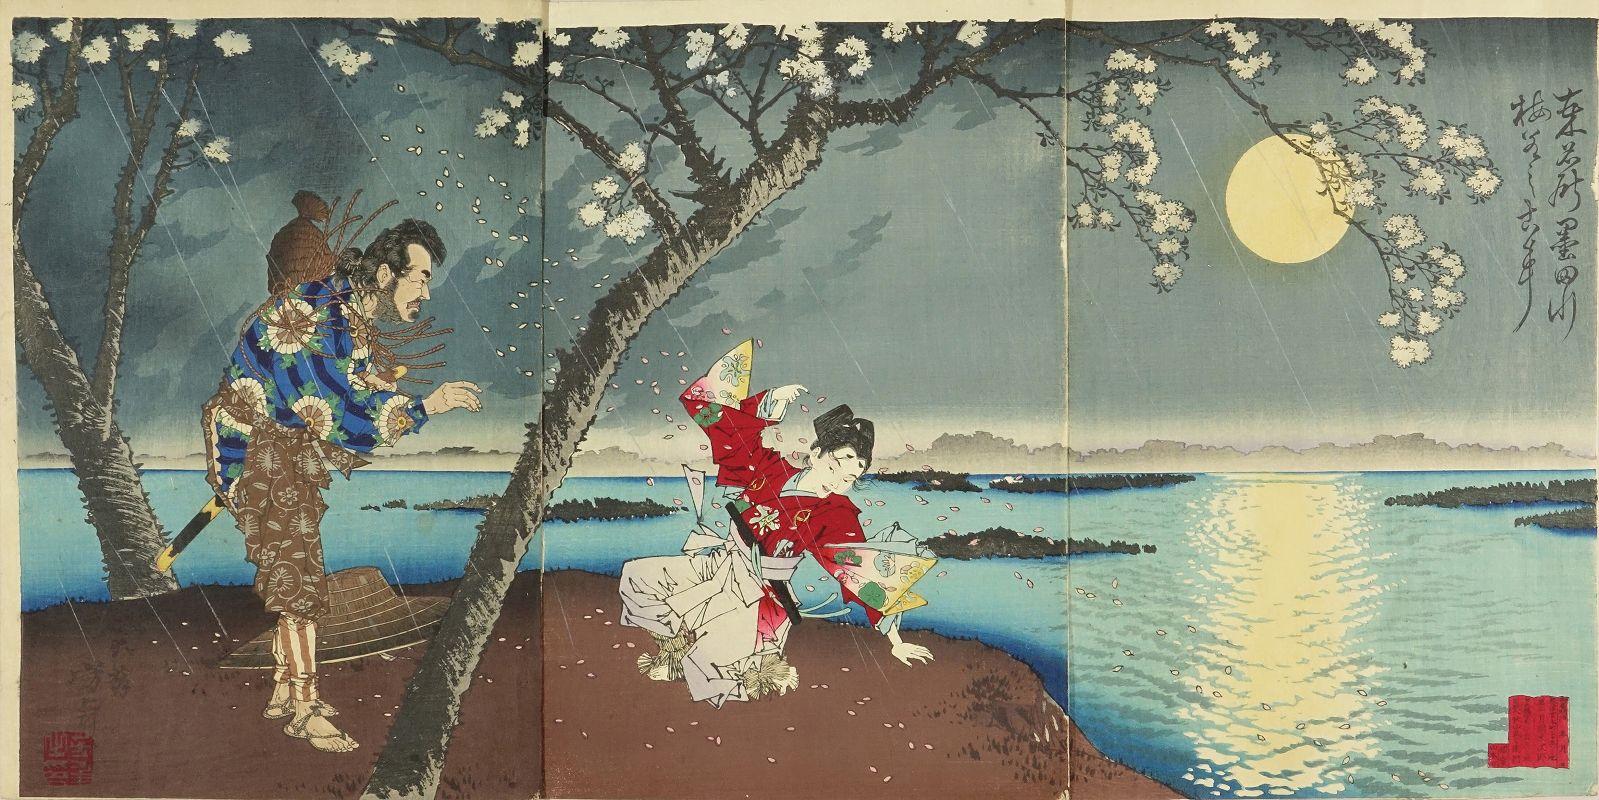 YOSHITOSHI <i>Azuma meisho Sumidagawa Umewaka no koji</i> (Famous places of the east, history of Umewaka Shrine at Sumida River), illustrating Umewakamaru and child seller, triptych